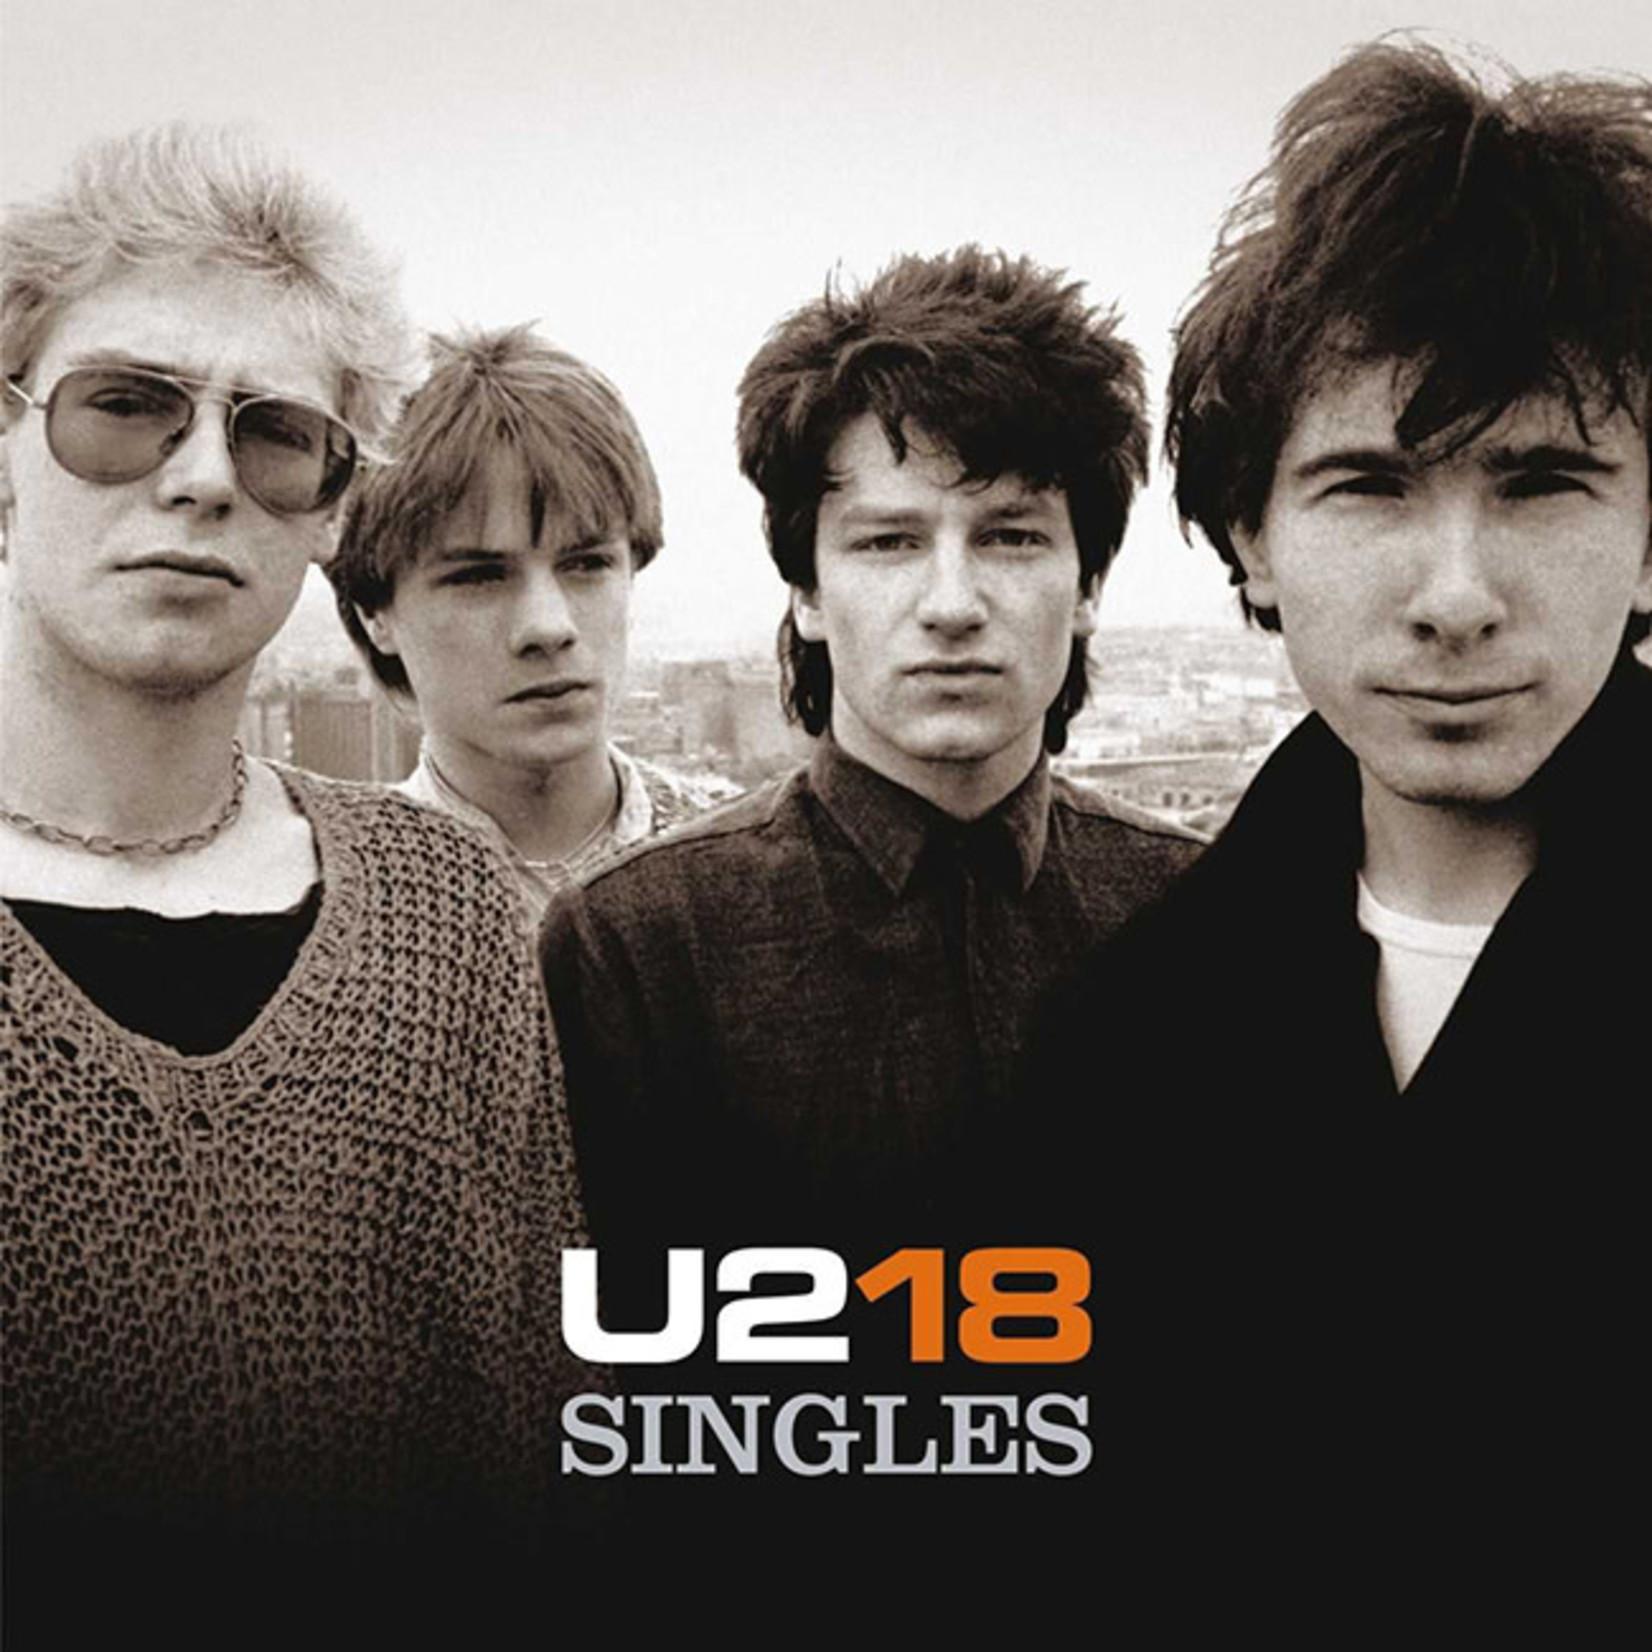 [New] U2: U218 Singles (2LP)